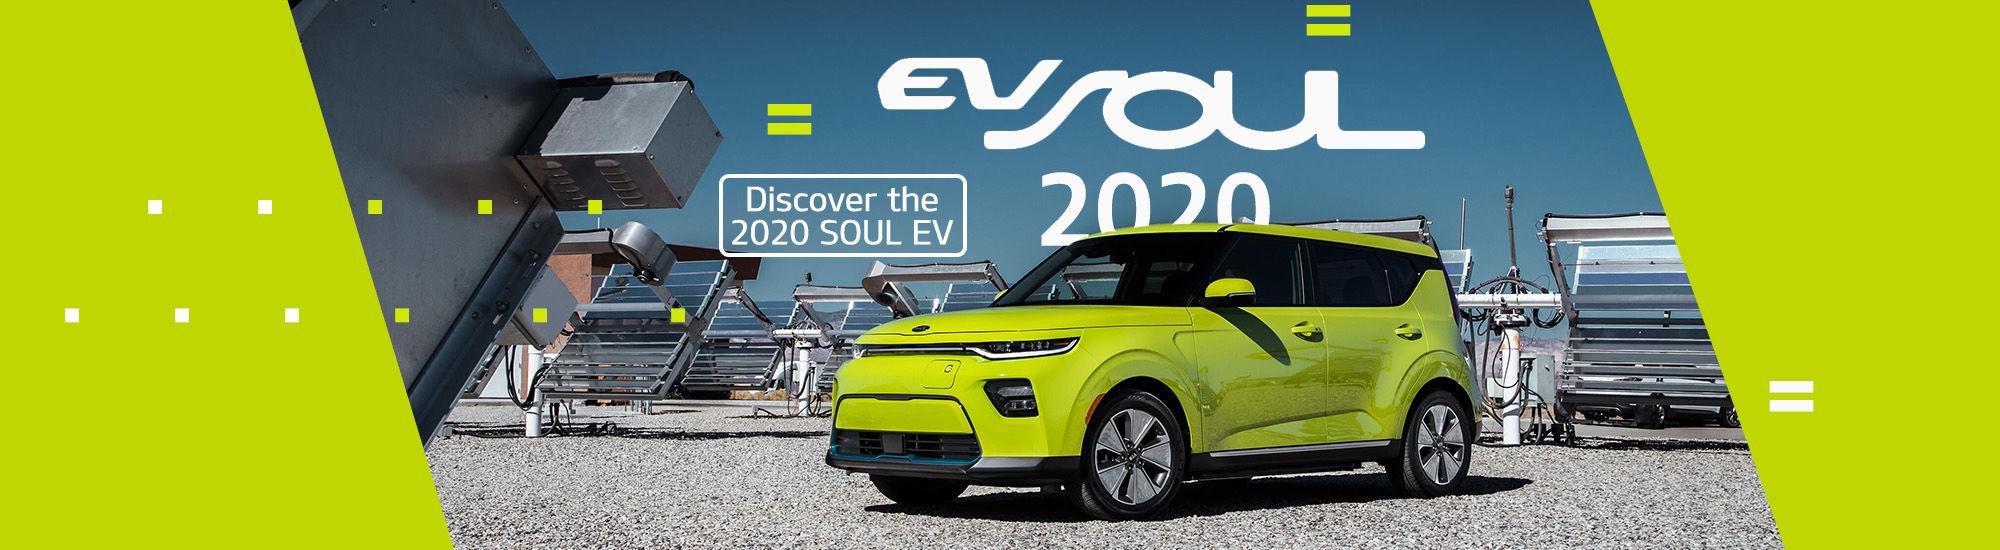 2020 Soul EV Kia